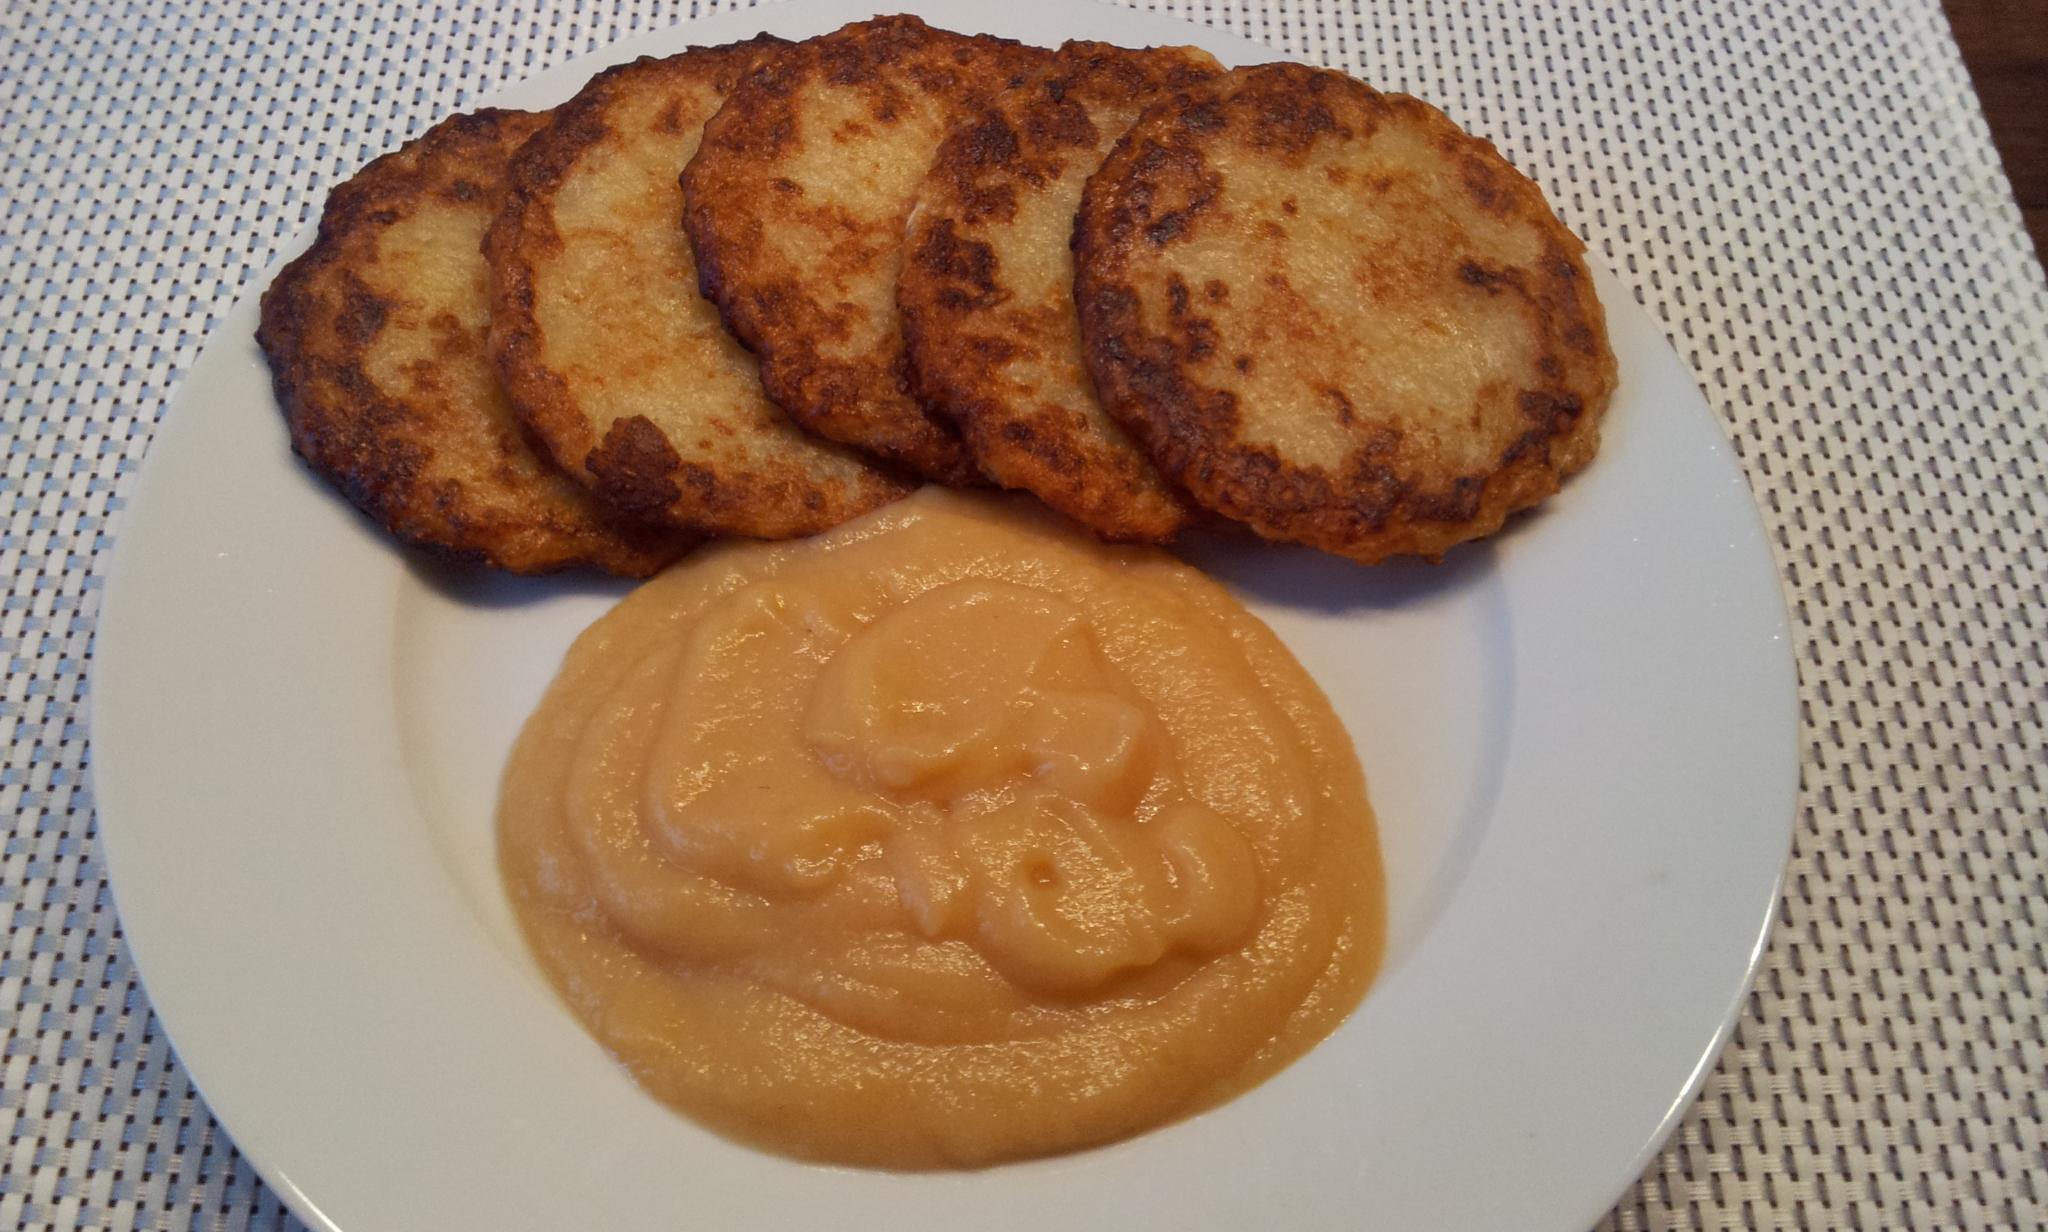 https://foodloader.net/Holz_2014-08-03_Kartoffelpuffer_mit_Apfelbananenmus.jpg